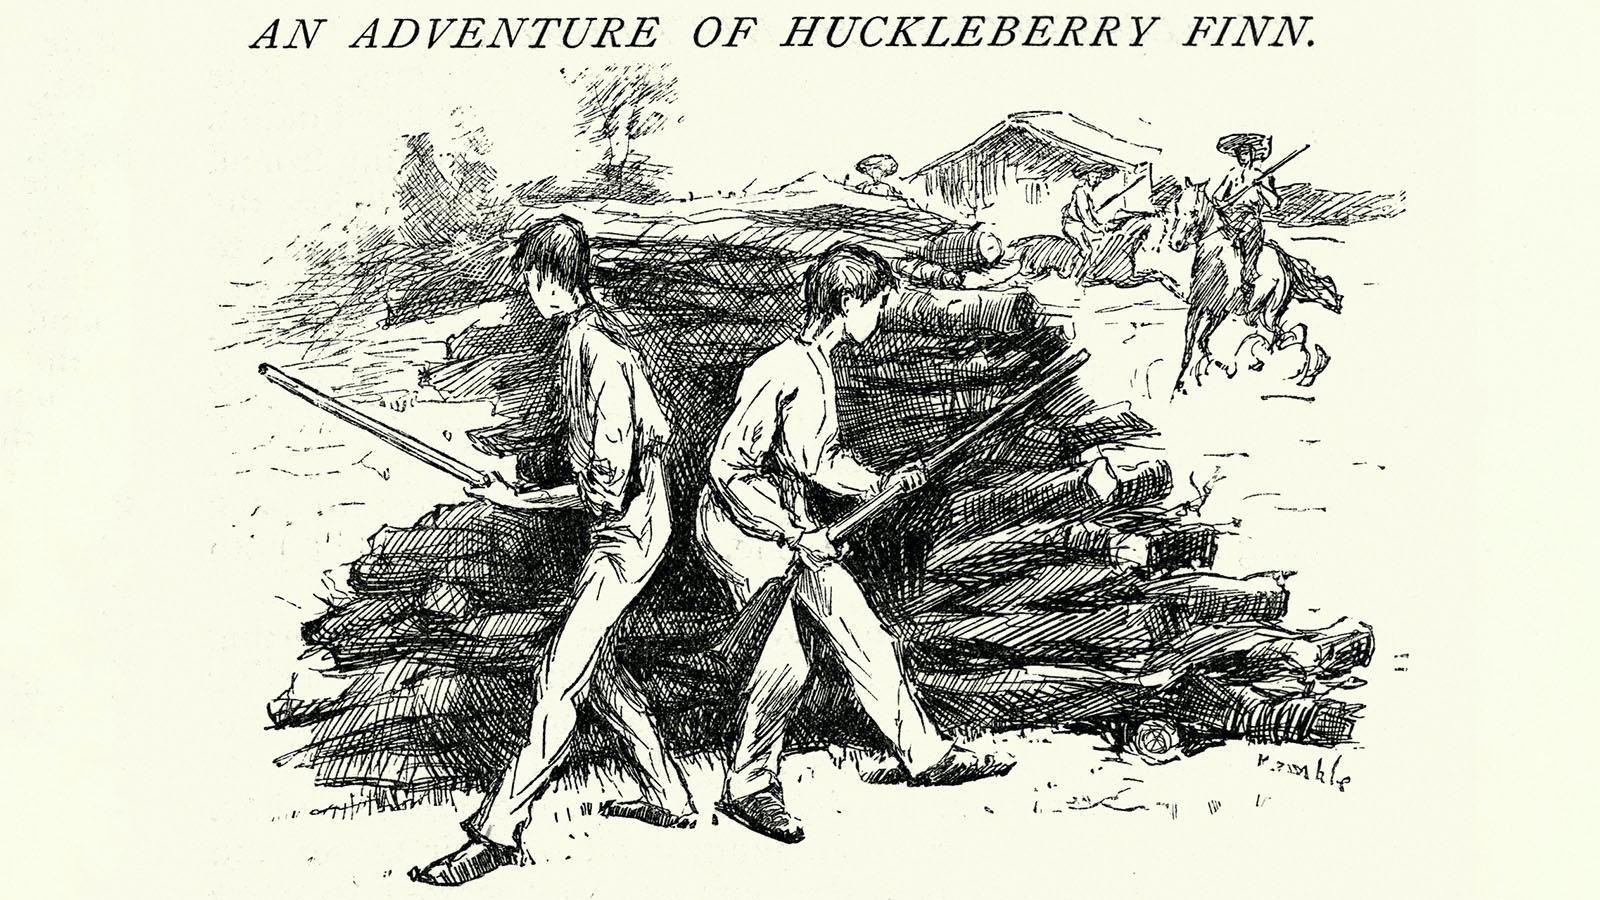 behind the wood-pile Huckleberry Finn